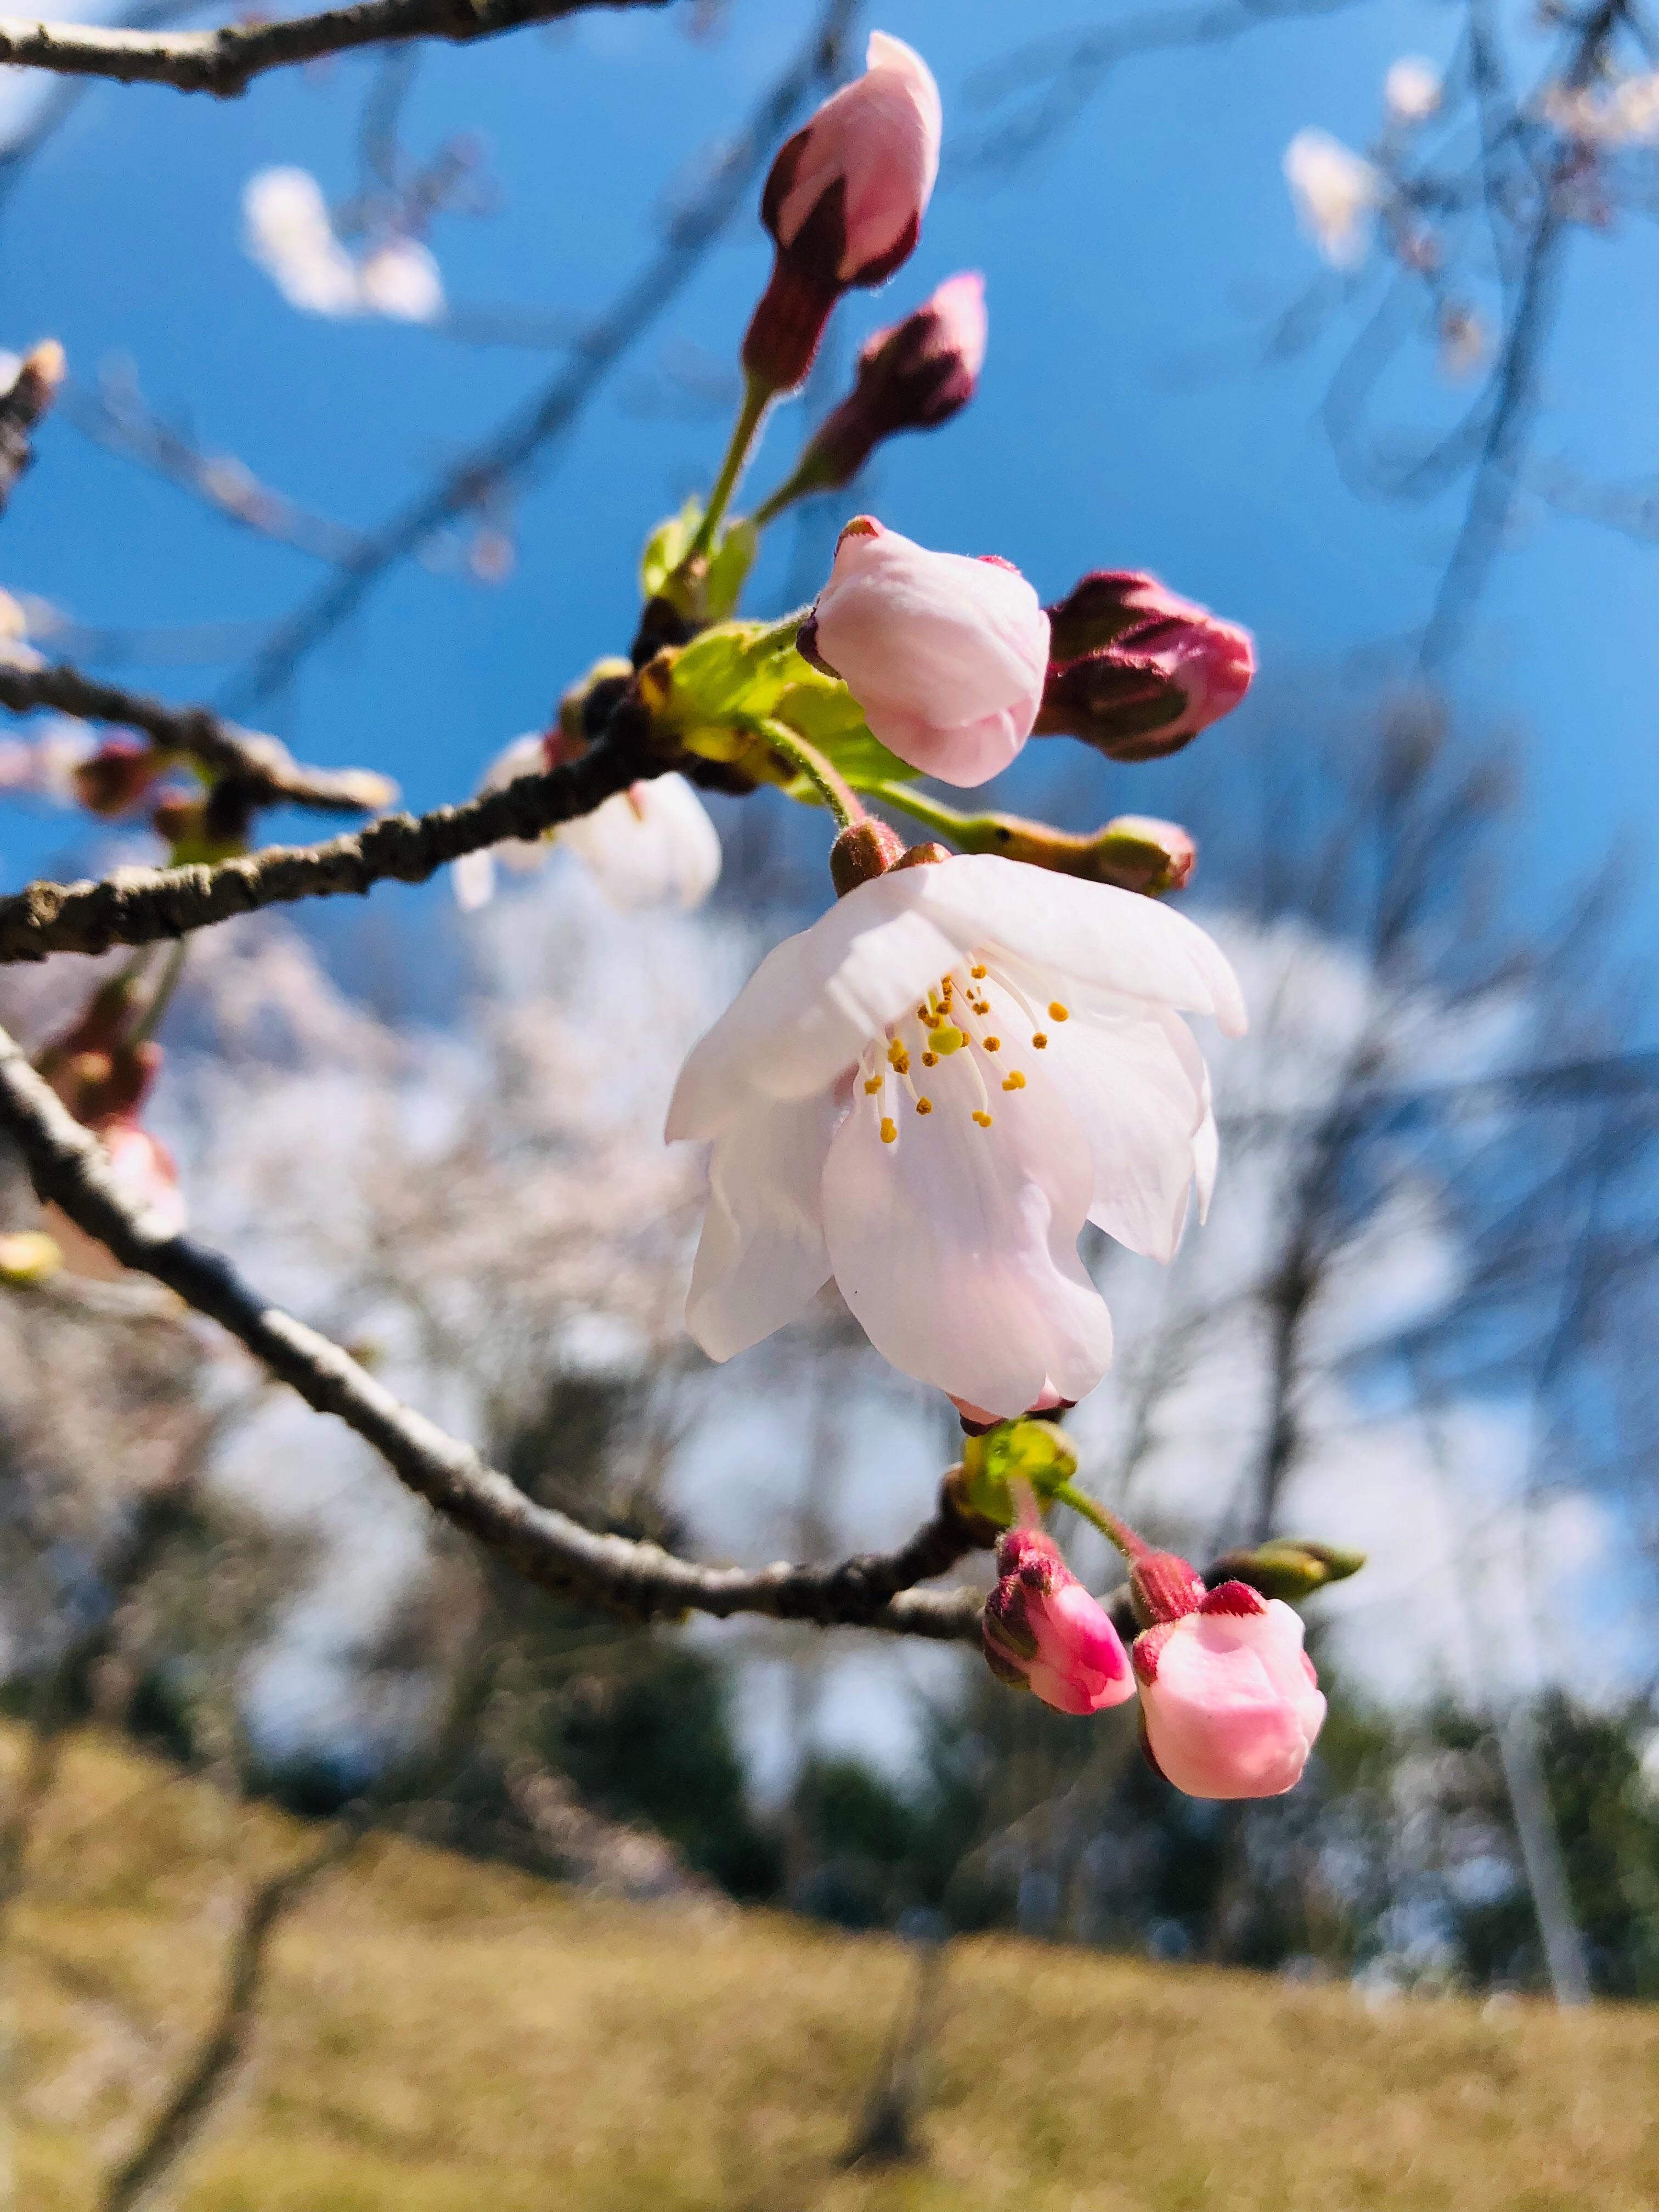 f:id:fujikana:20190401161729j:image